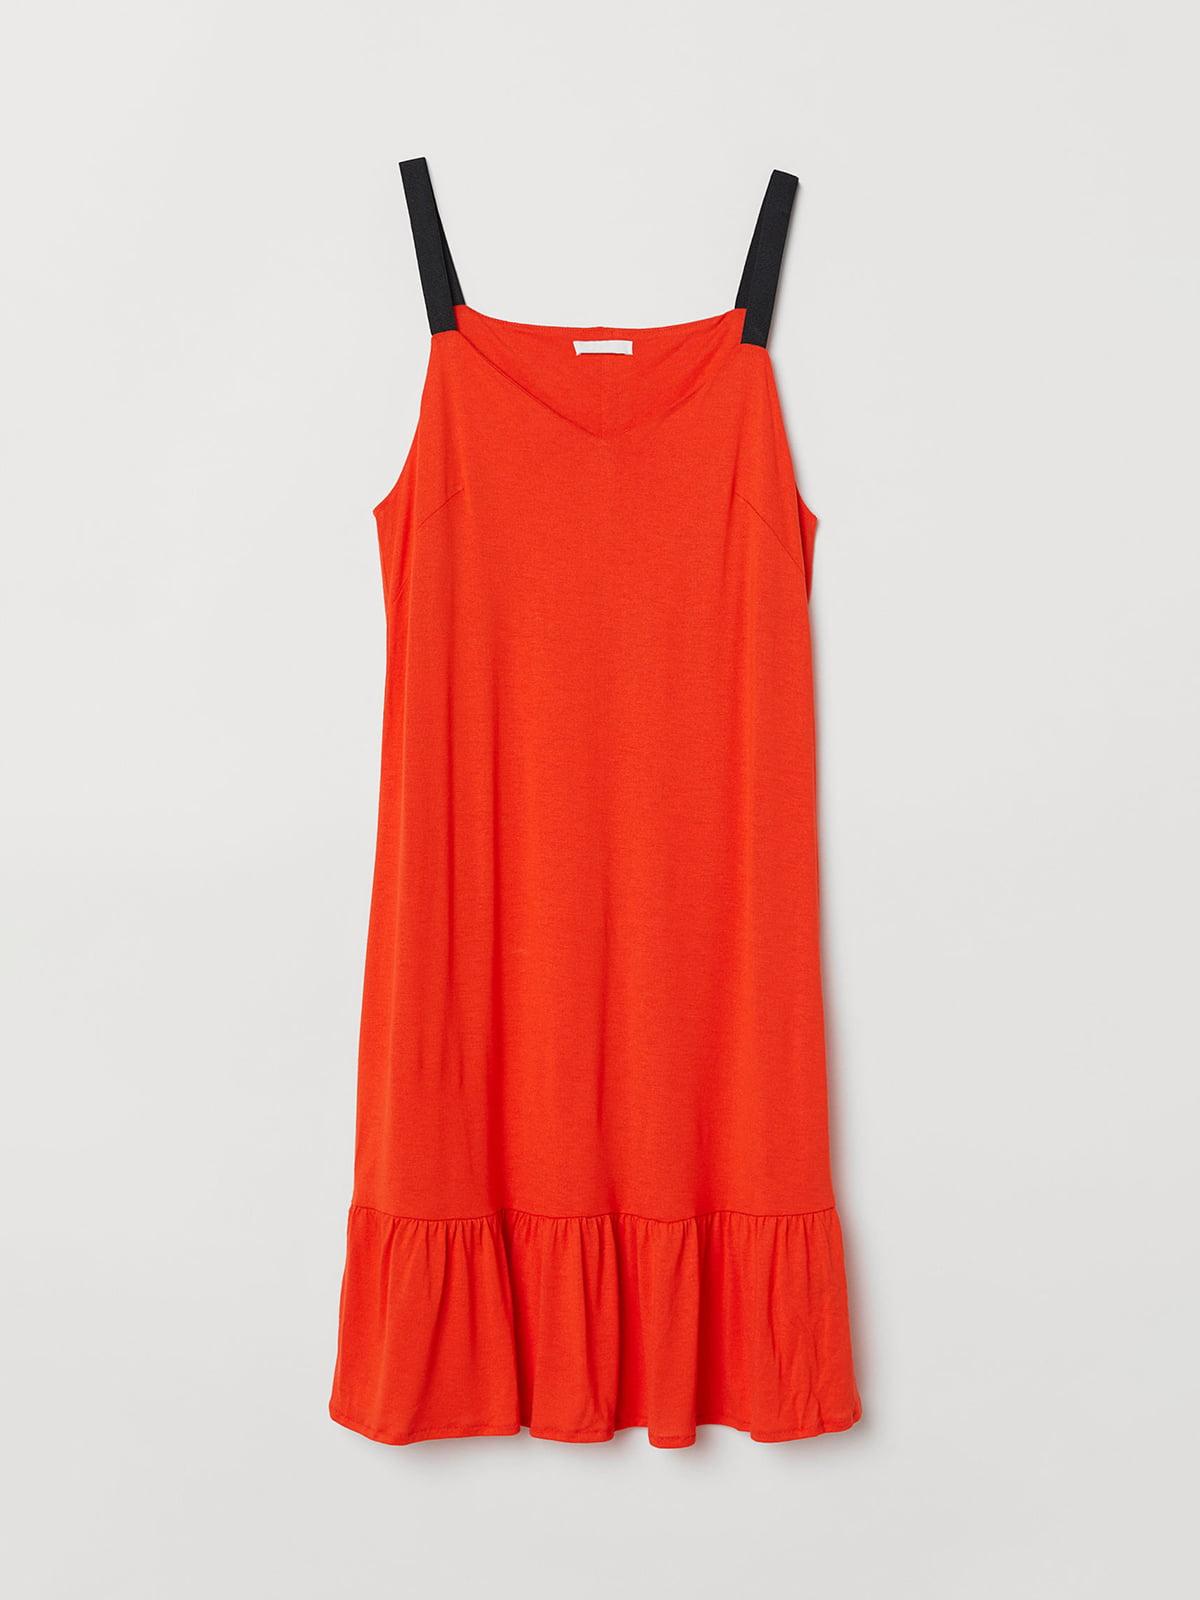 Сукня червона | 5046619 | фото 5